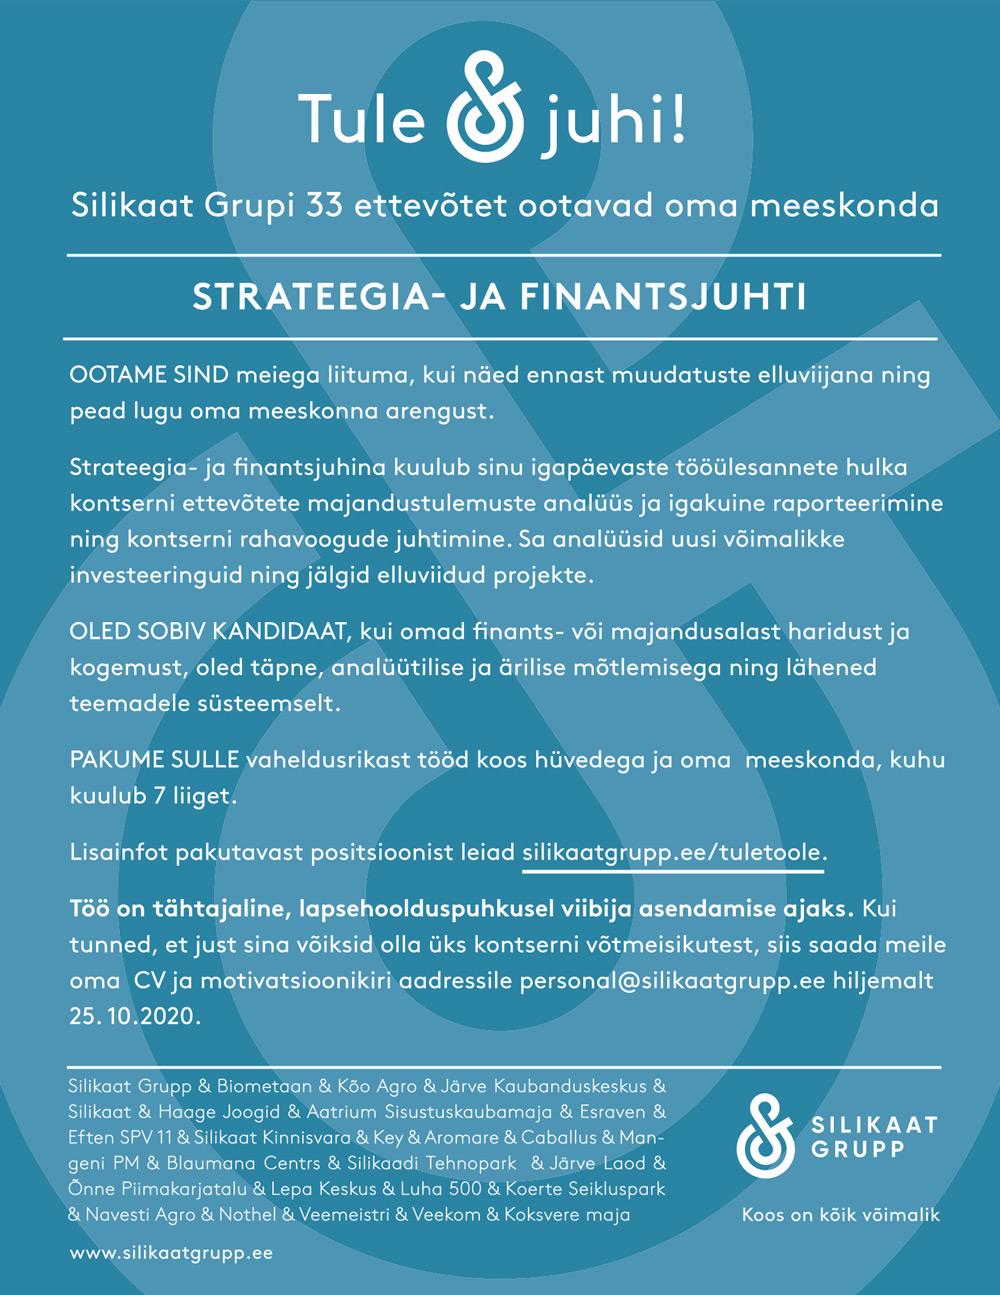 STRATEEGIA- JA FINANTSJUHT